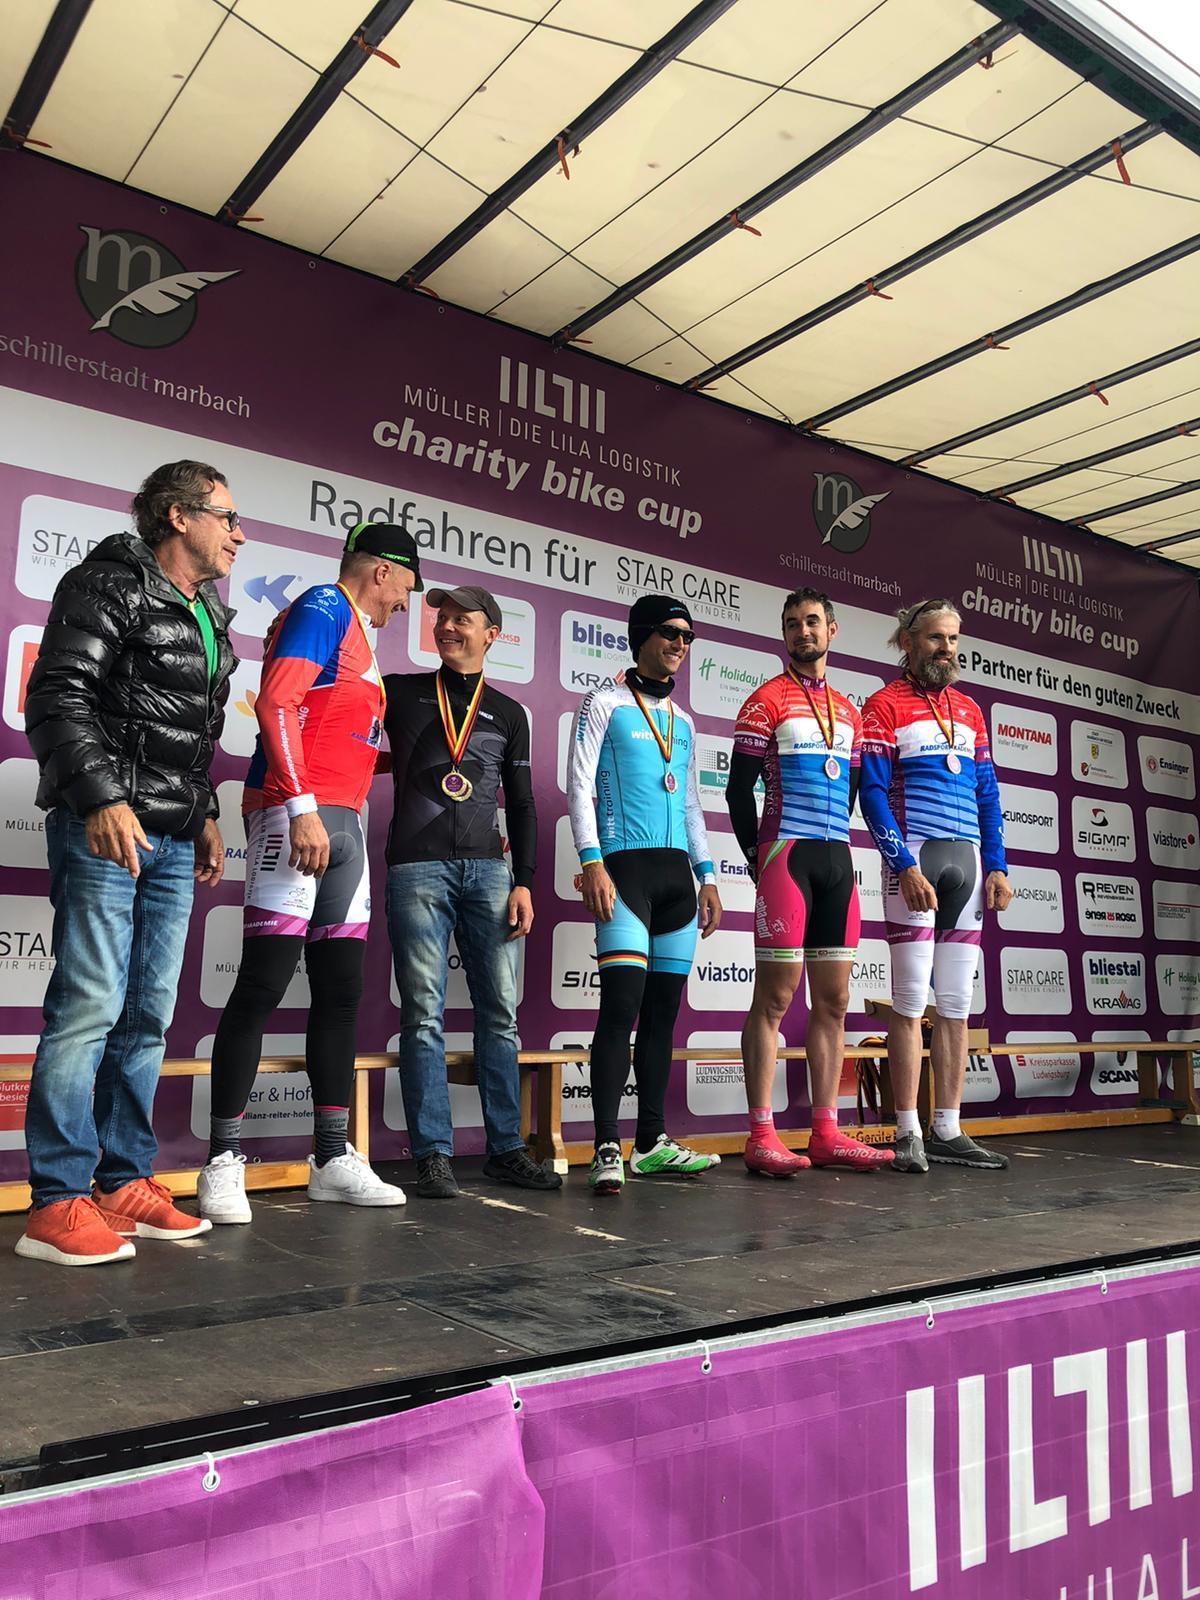 Lila Logistic Charity Bike Cup – mein erstesStraßenrennen